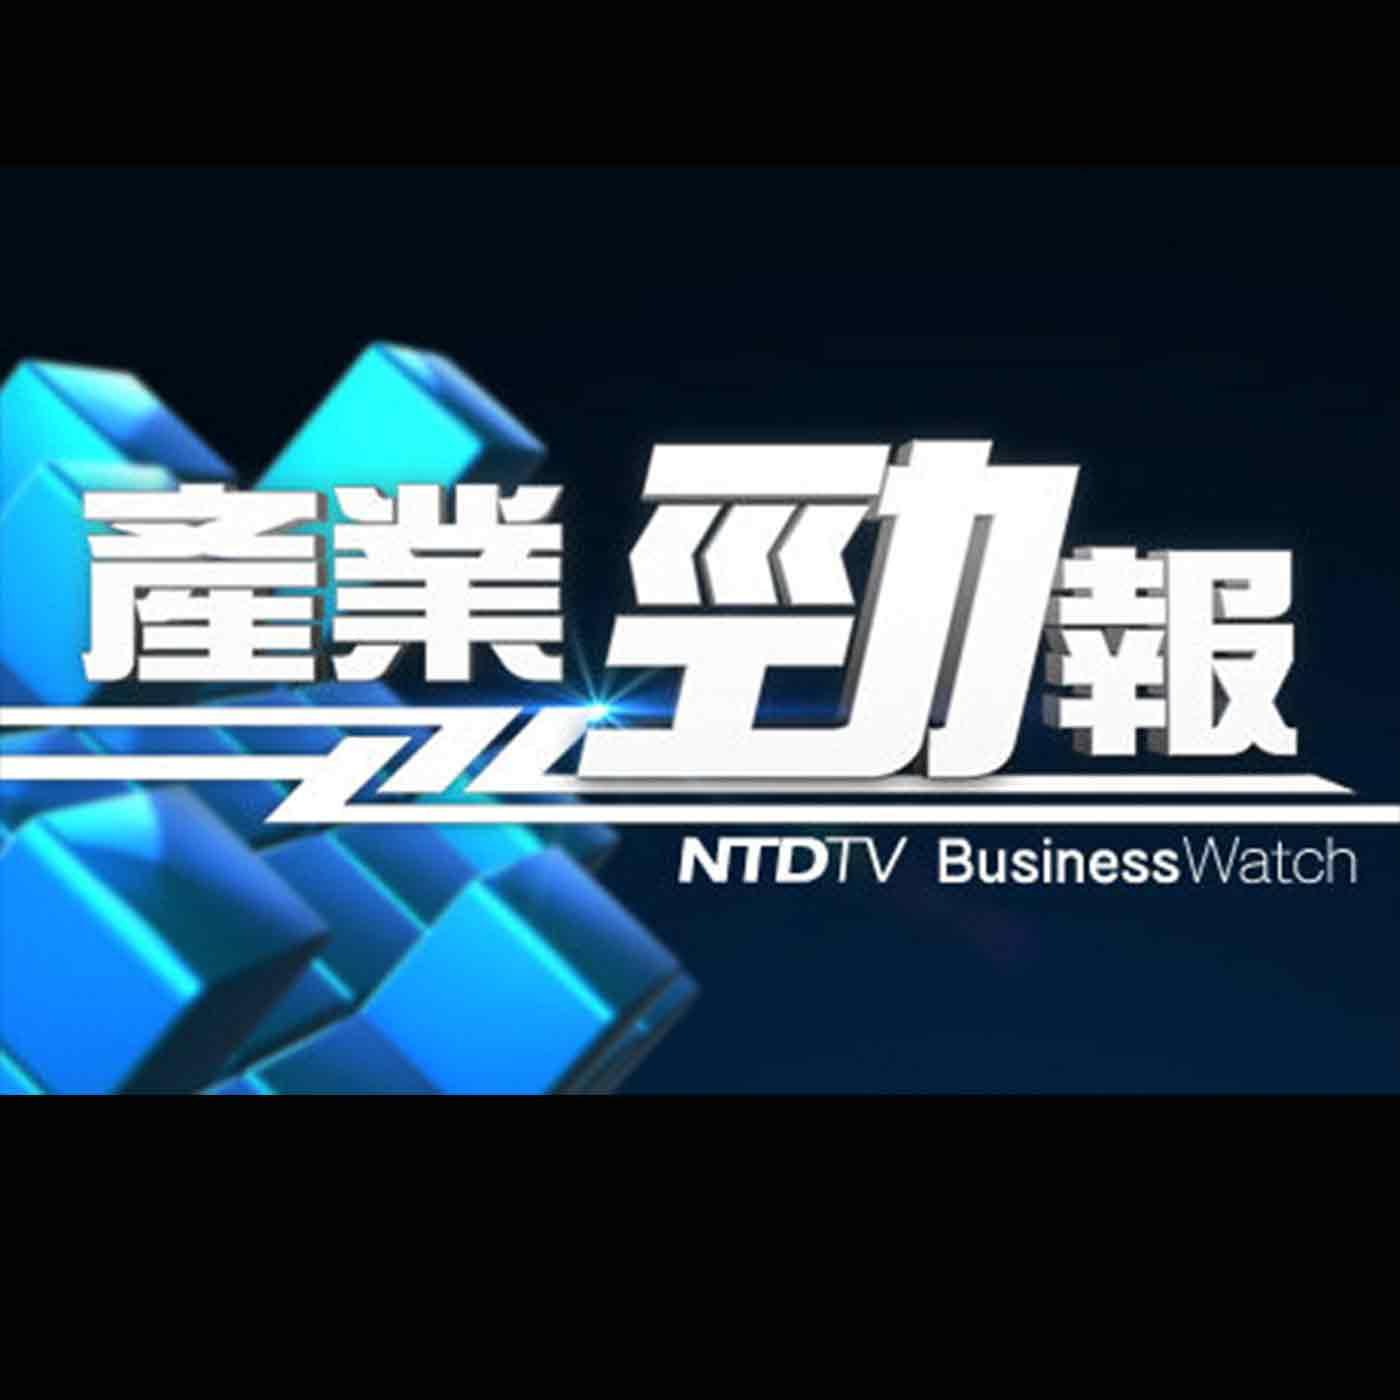 🔥張忠謀開講:中國落後台積電至少5年 珍惜台灣優勢│M1晶片發威!蘋果iMac、iPad Pro新品發表|20210421【新唐人產業勁報】